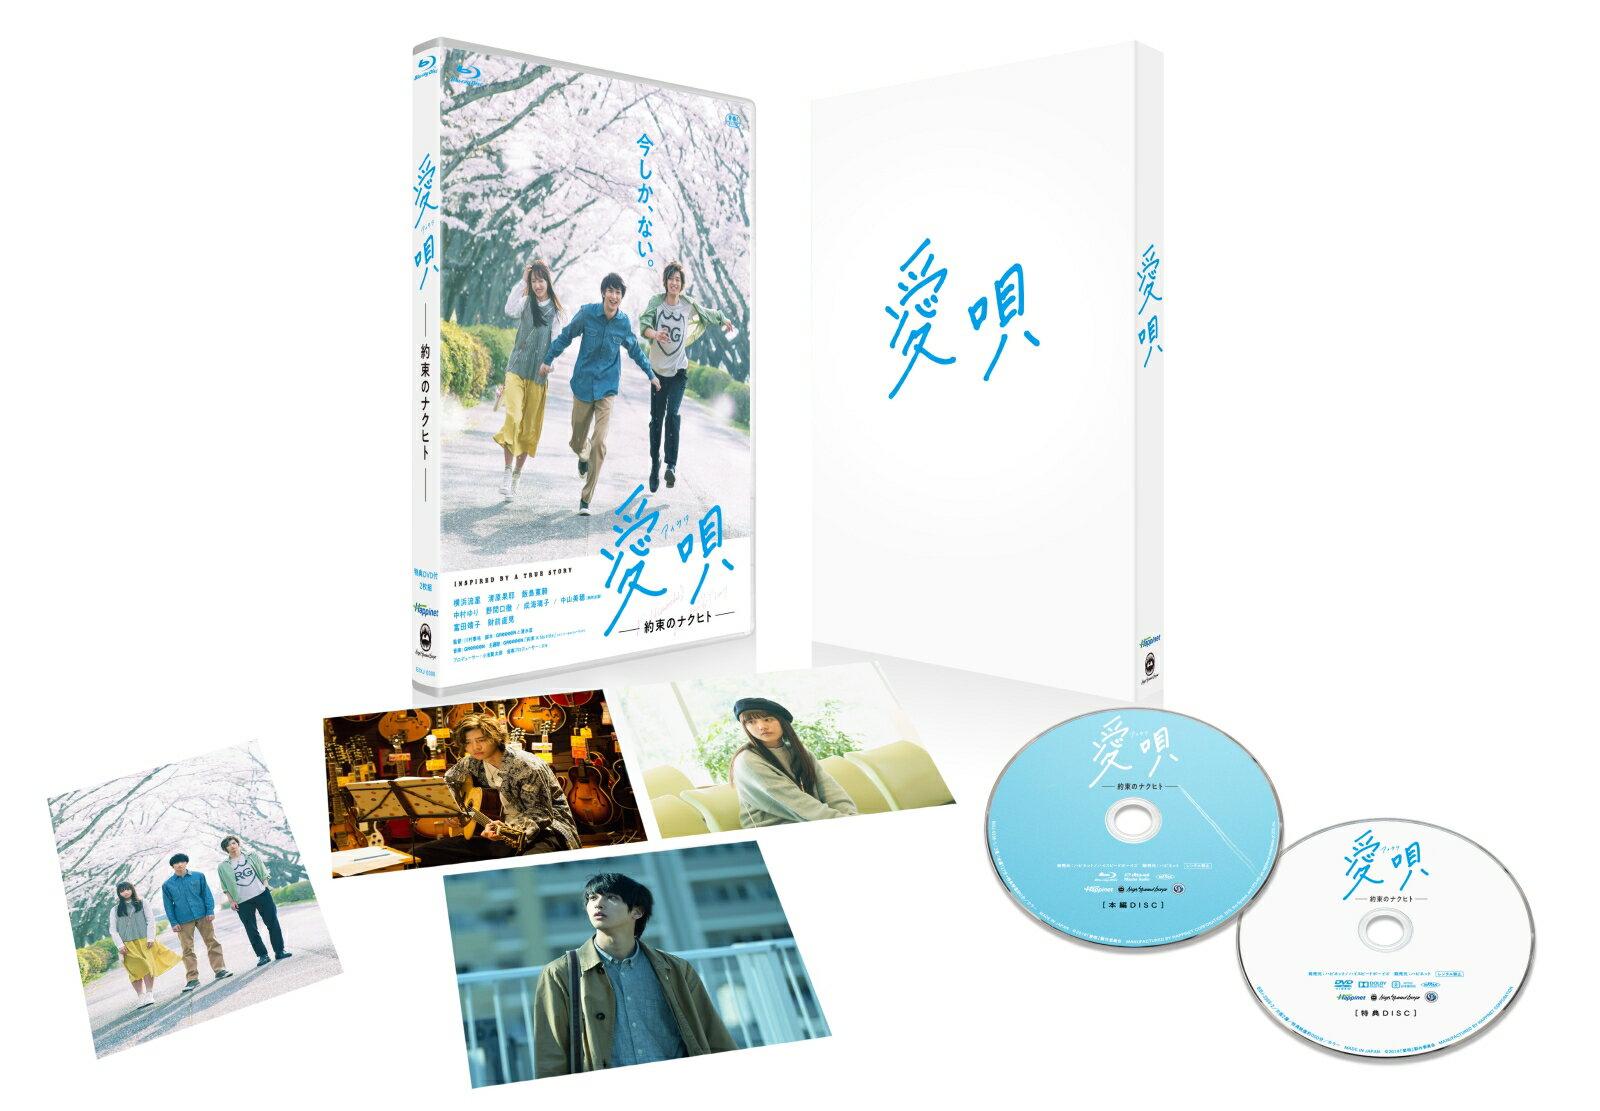 愛唄 -約束のナクヒトー【Blu-ray】 [ 横浜流星 ]